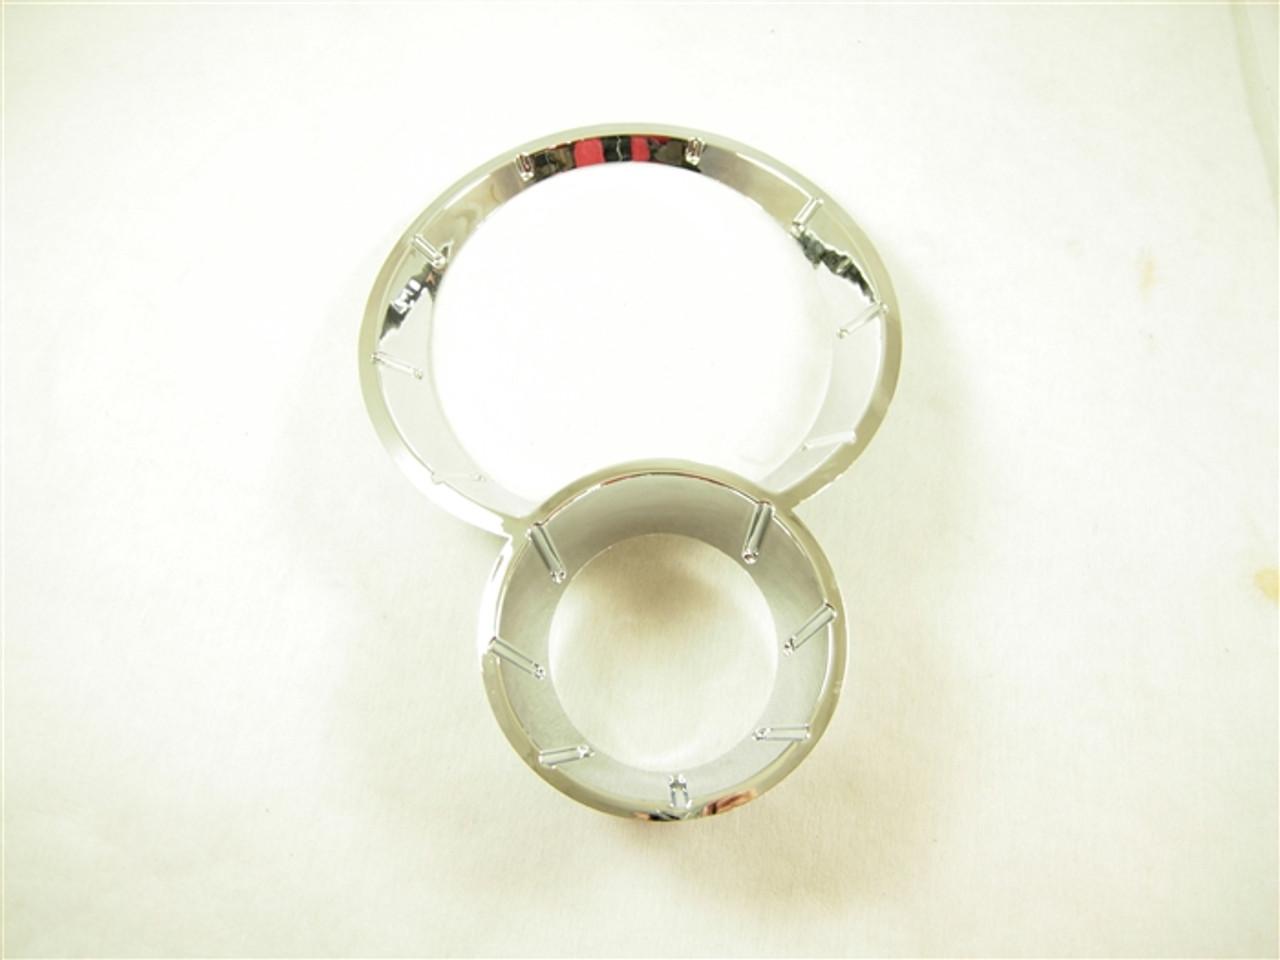 headlight fairing/trim chrome 11787-a100-5